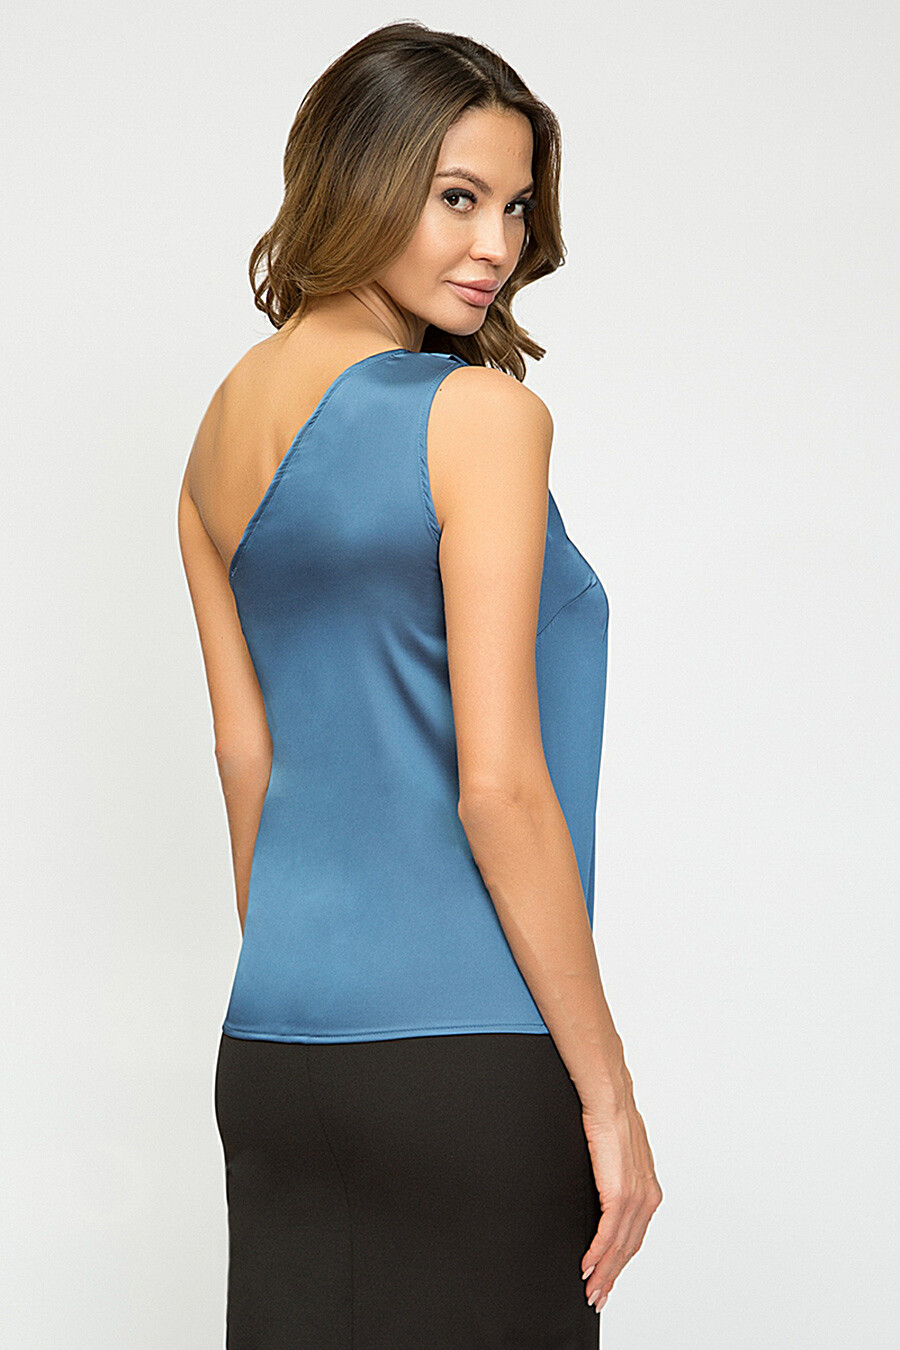 Топ для женщин KOTIS 161443 купить оптом от производителя. Совместная покупка женской одежды в OptMoyo